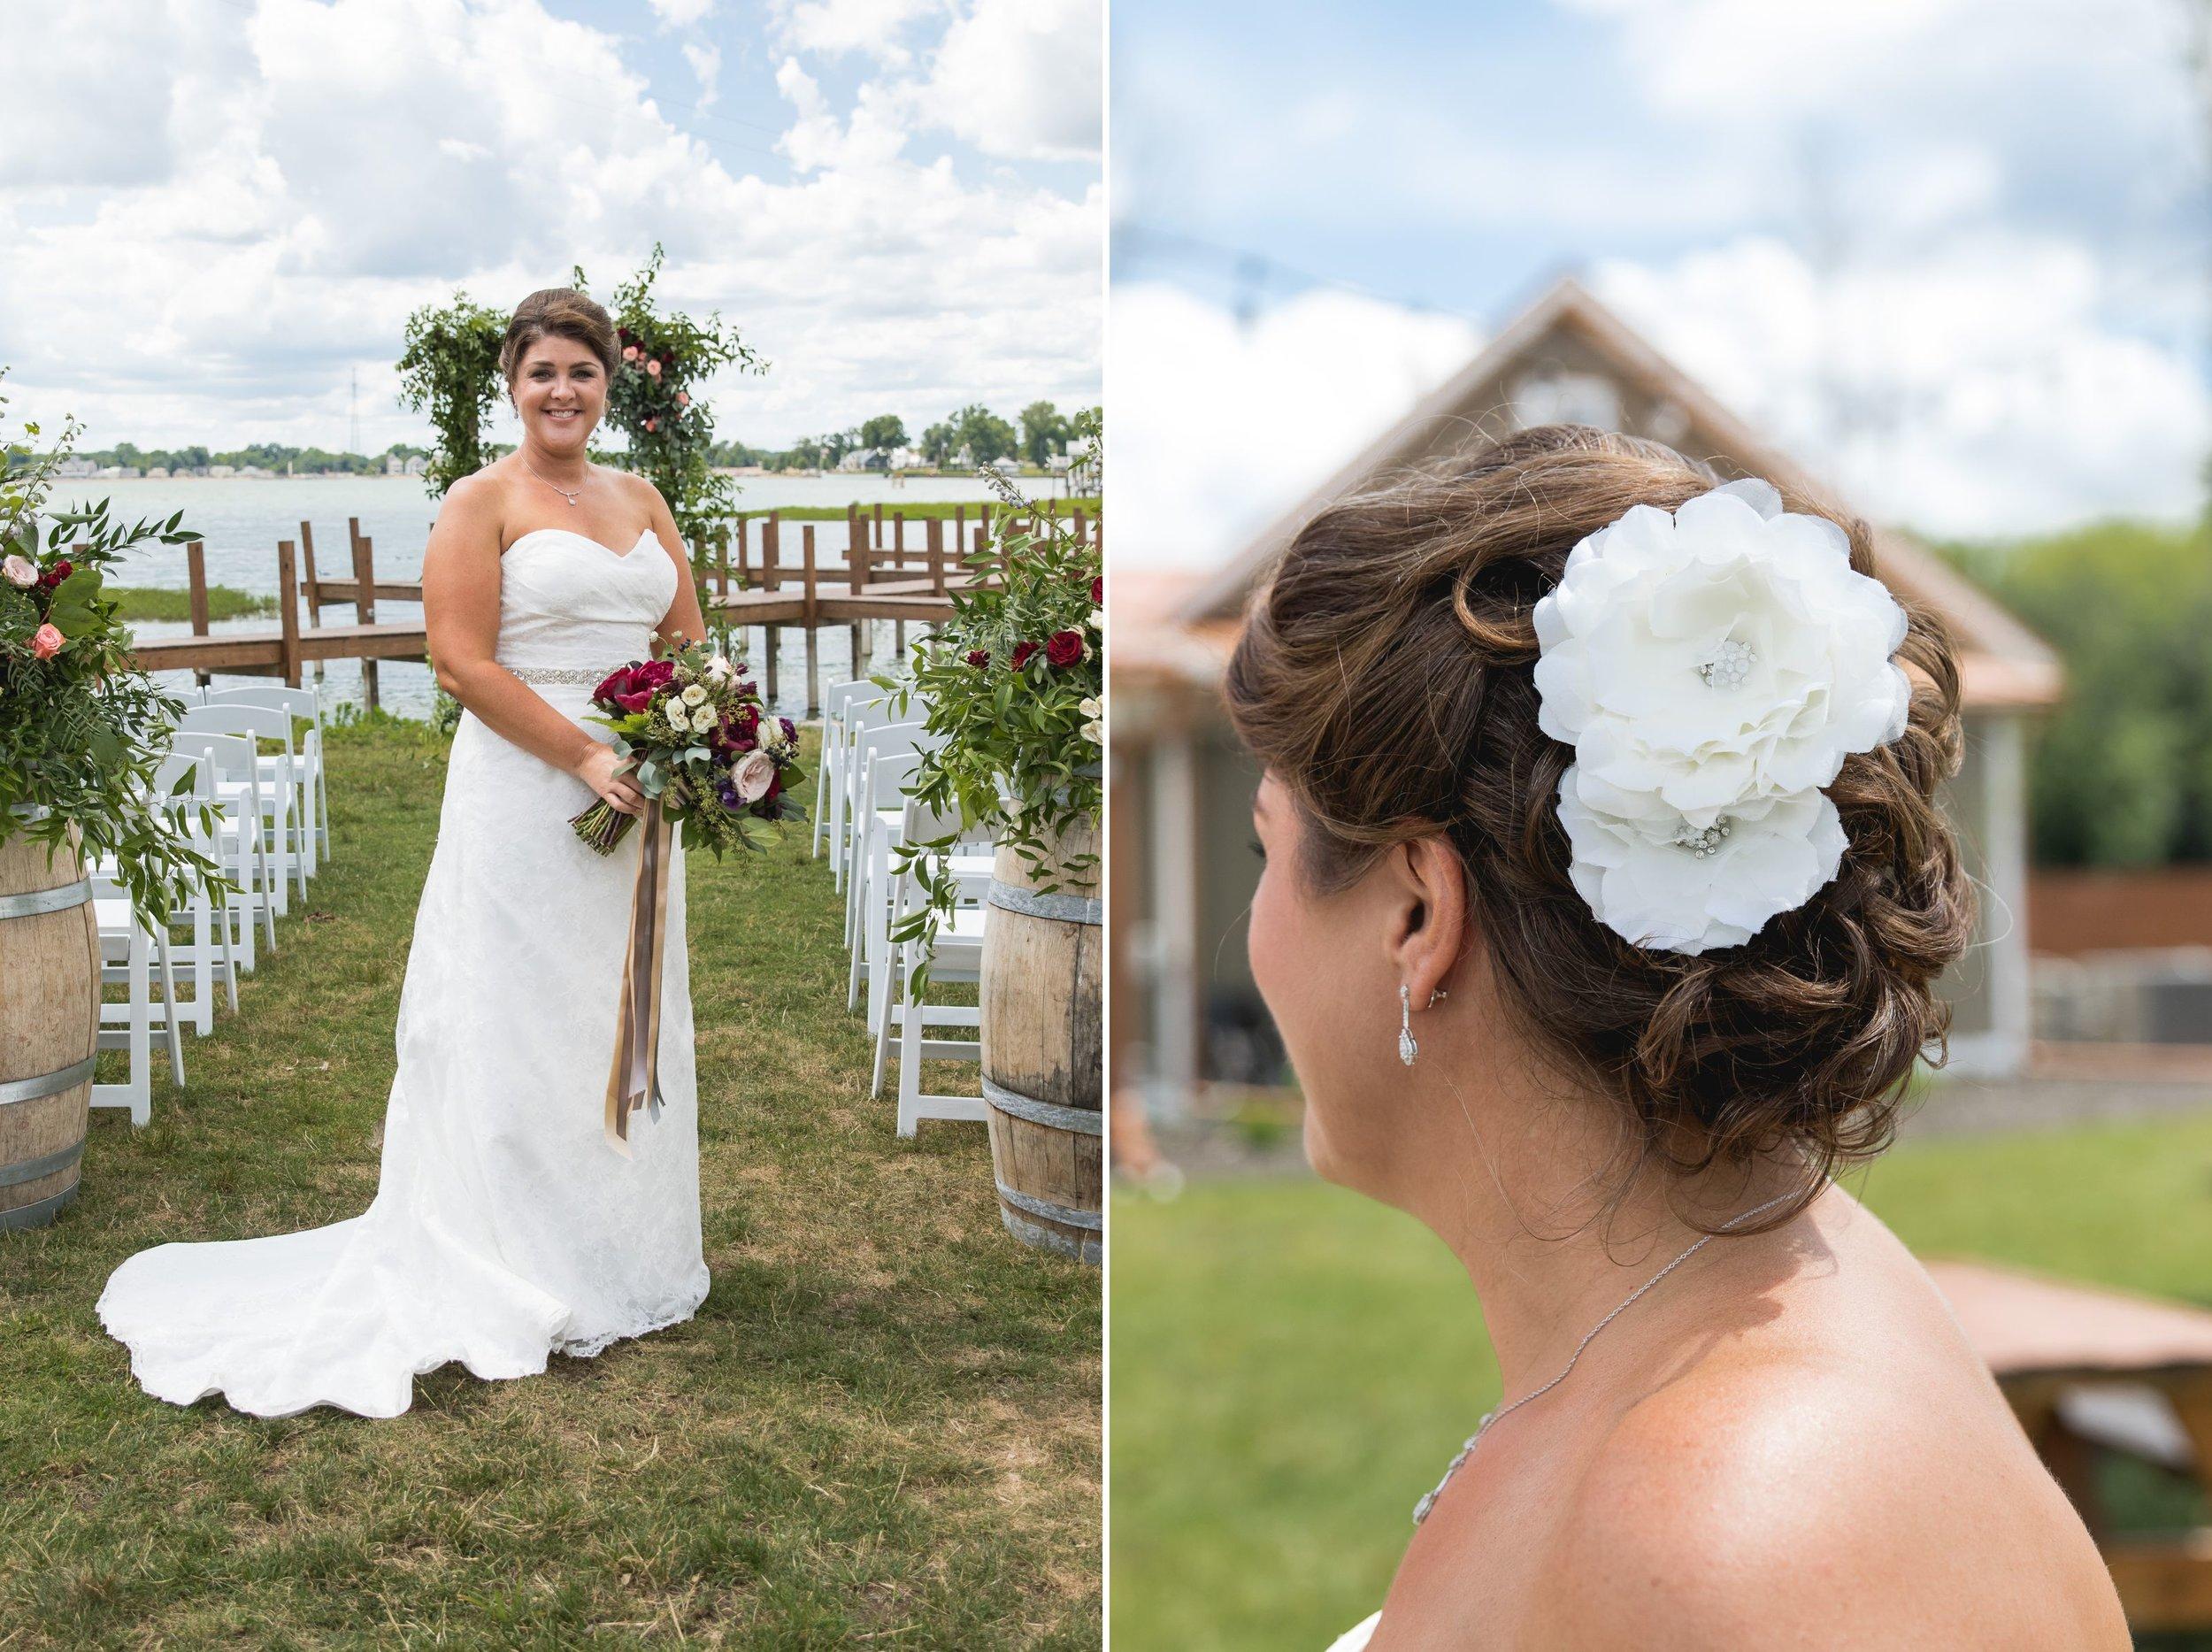 009-Buckeye-lake-winery-wedding-bride-portraits-columbus-ohio-wedding-muschlitz-photography-07.JPG